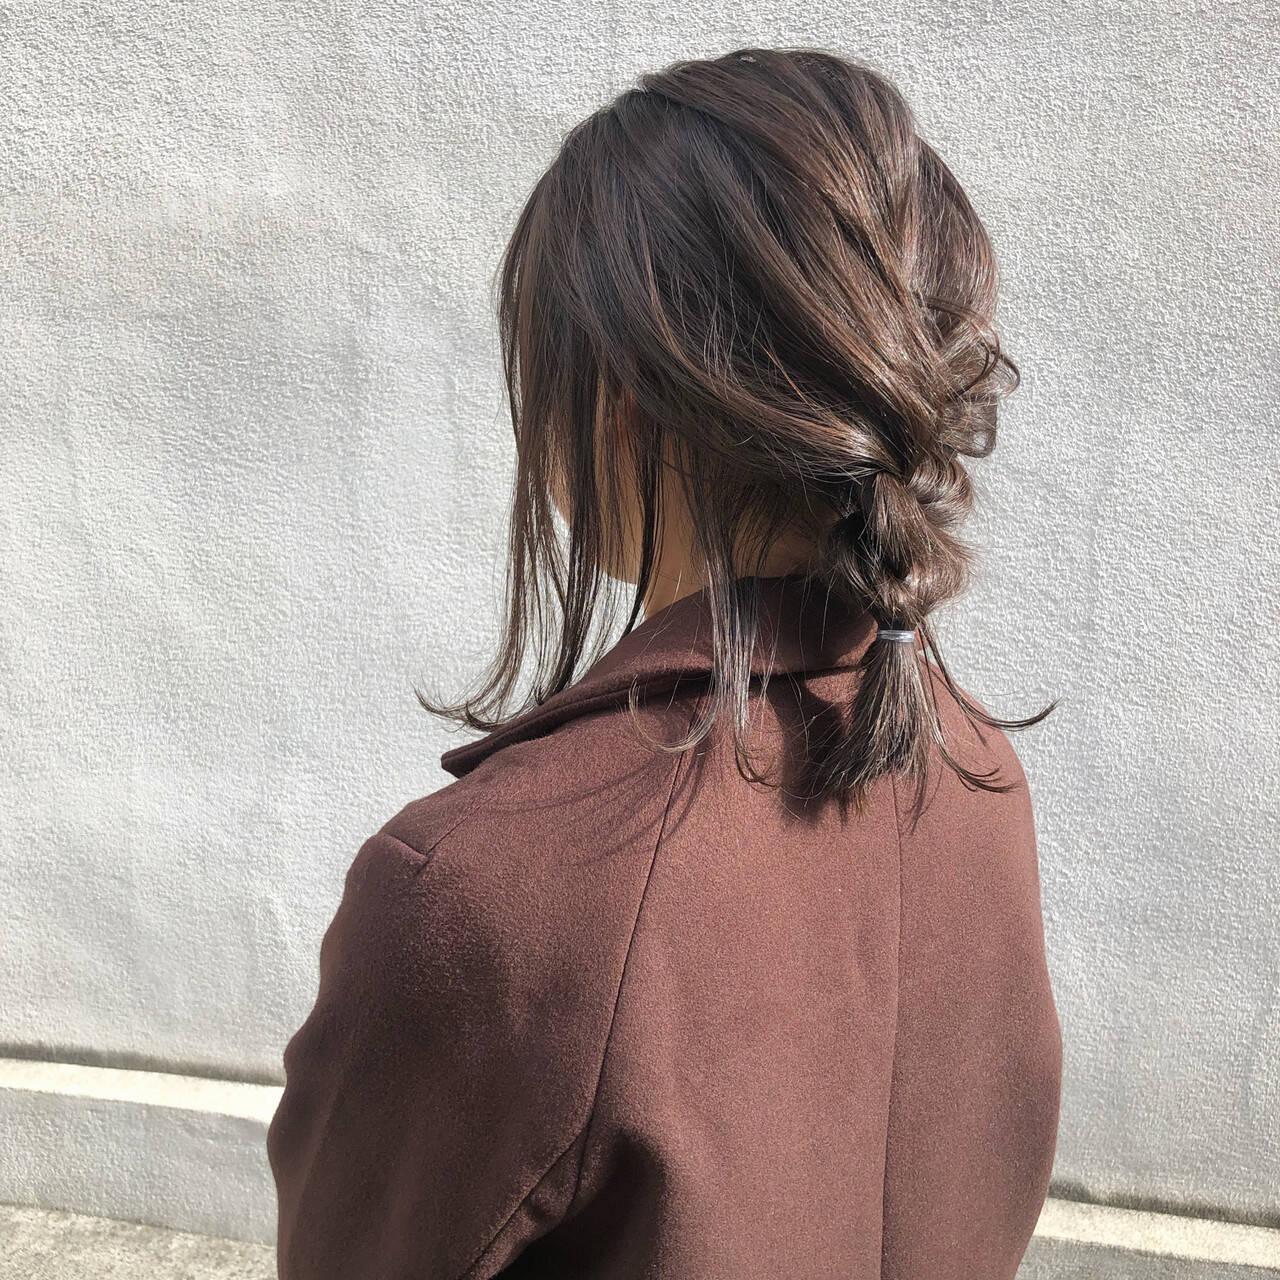 デート ナチュラル アンニュイほつれヘア ヘアアレンジヘアスタイルや髪型の写真・画像